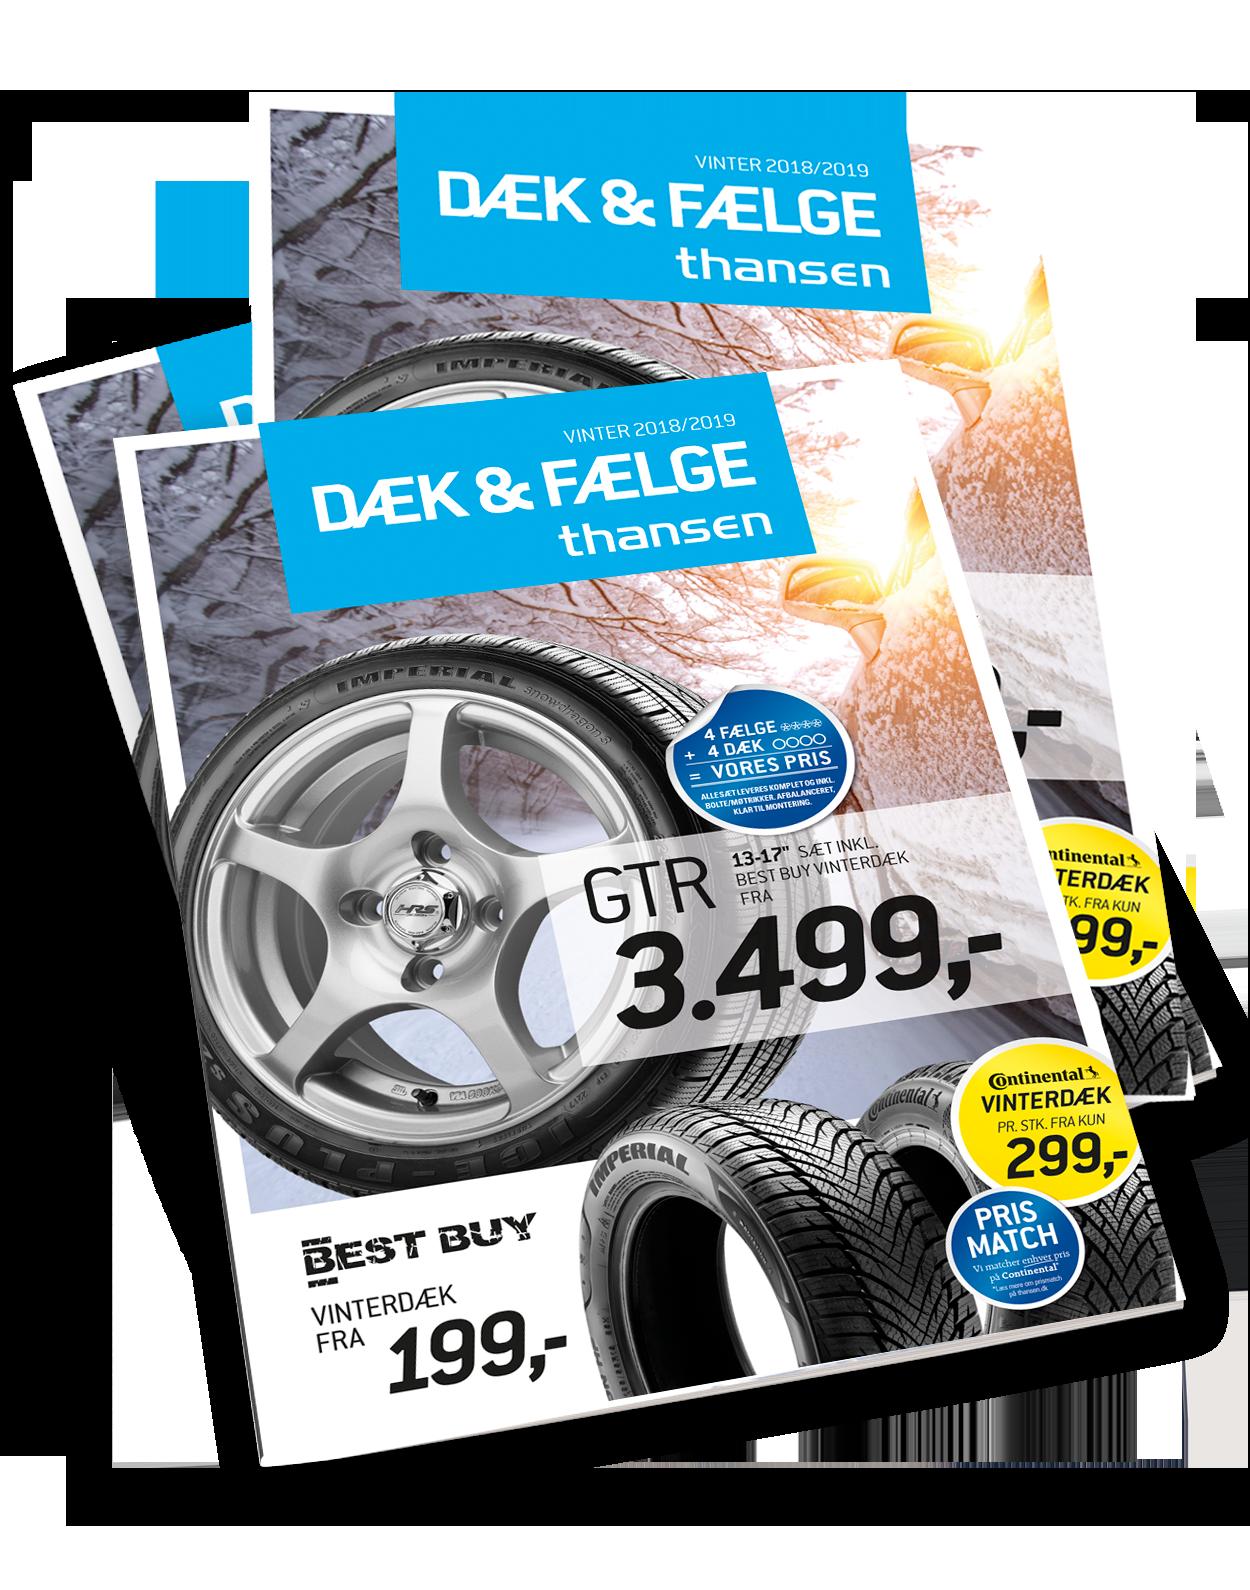 Lækker Dæk og fælge til din bil hos Danmarks største dækcenter - Alt til VD-02